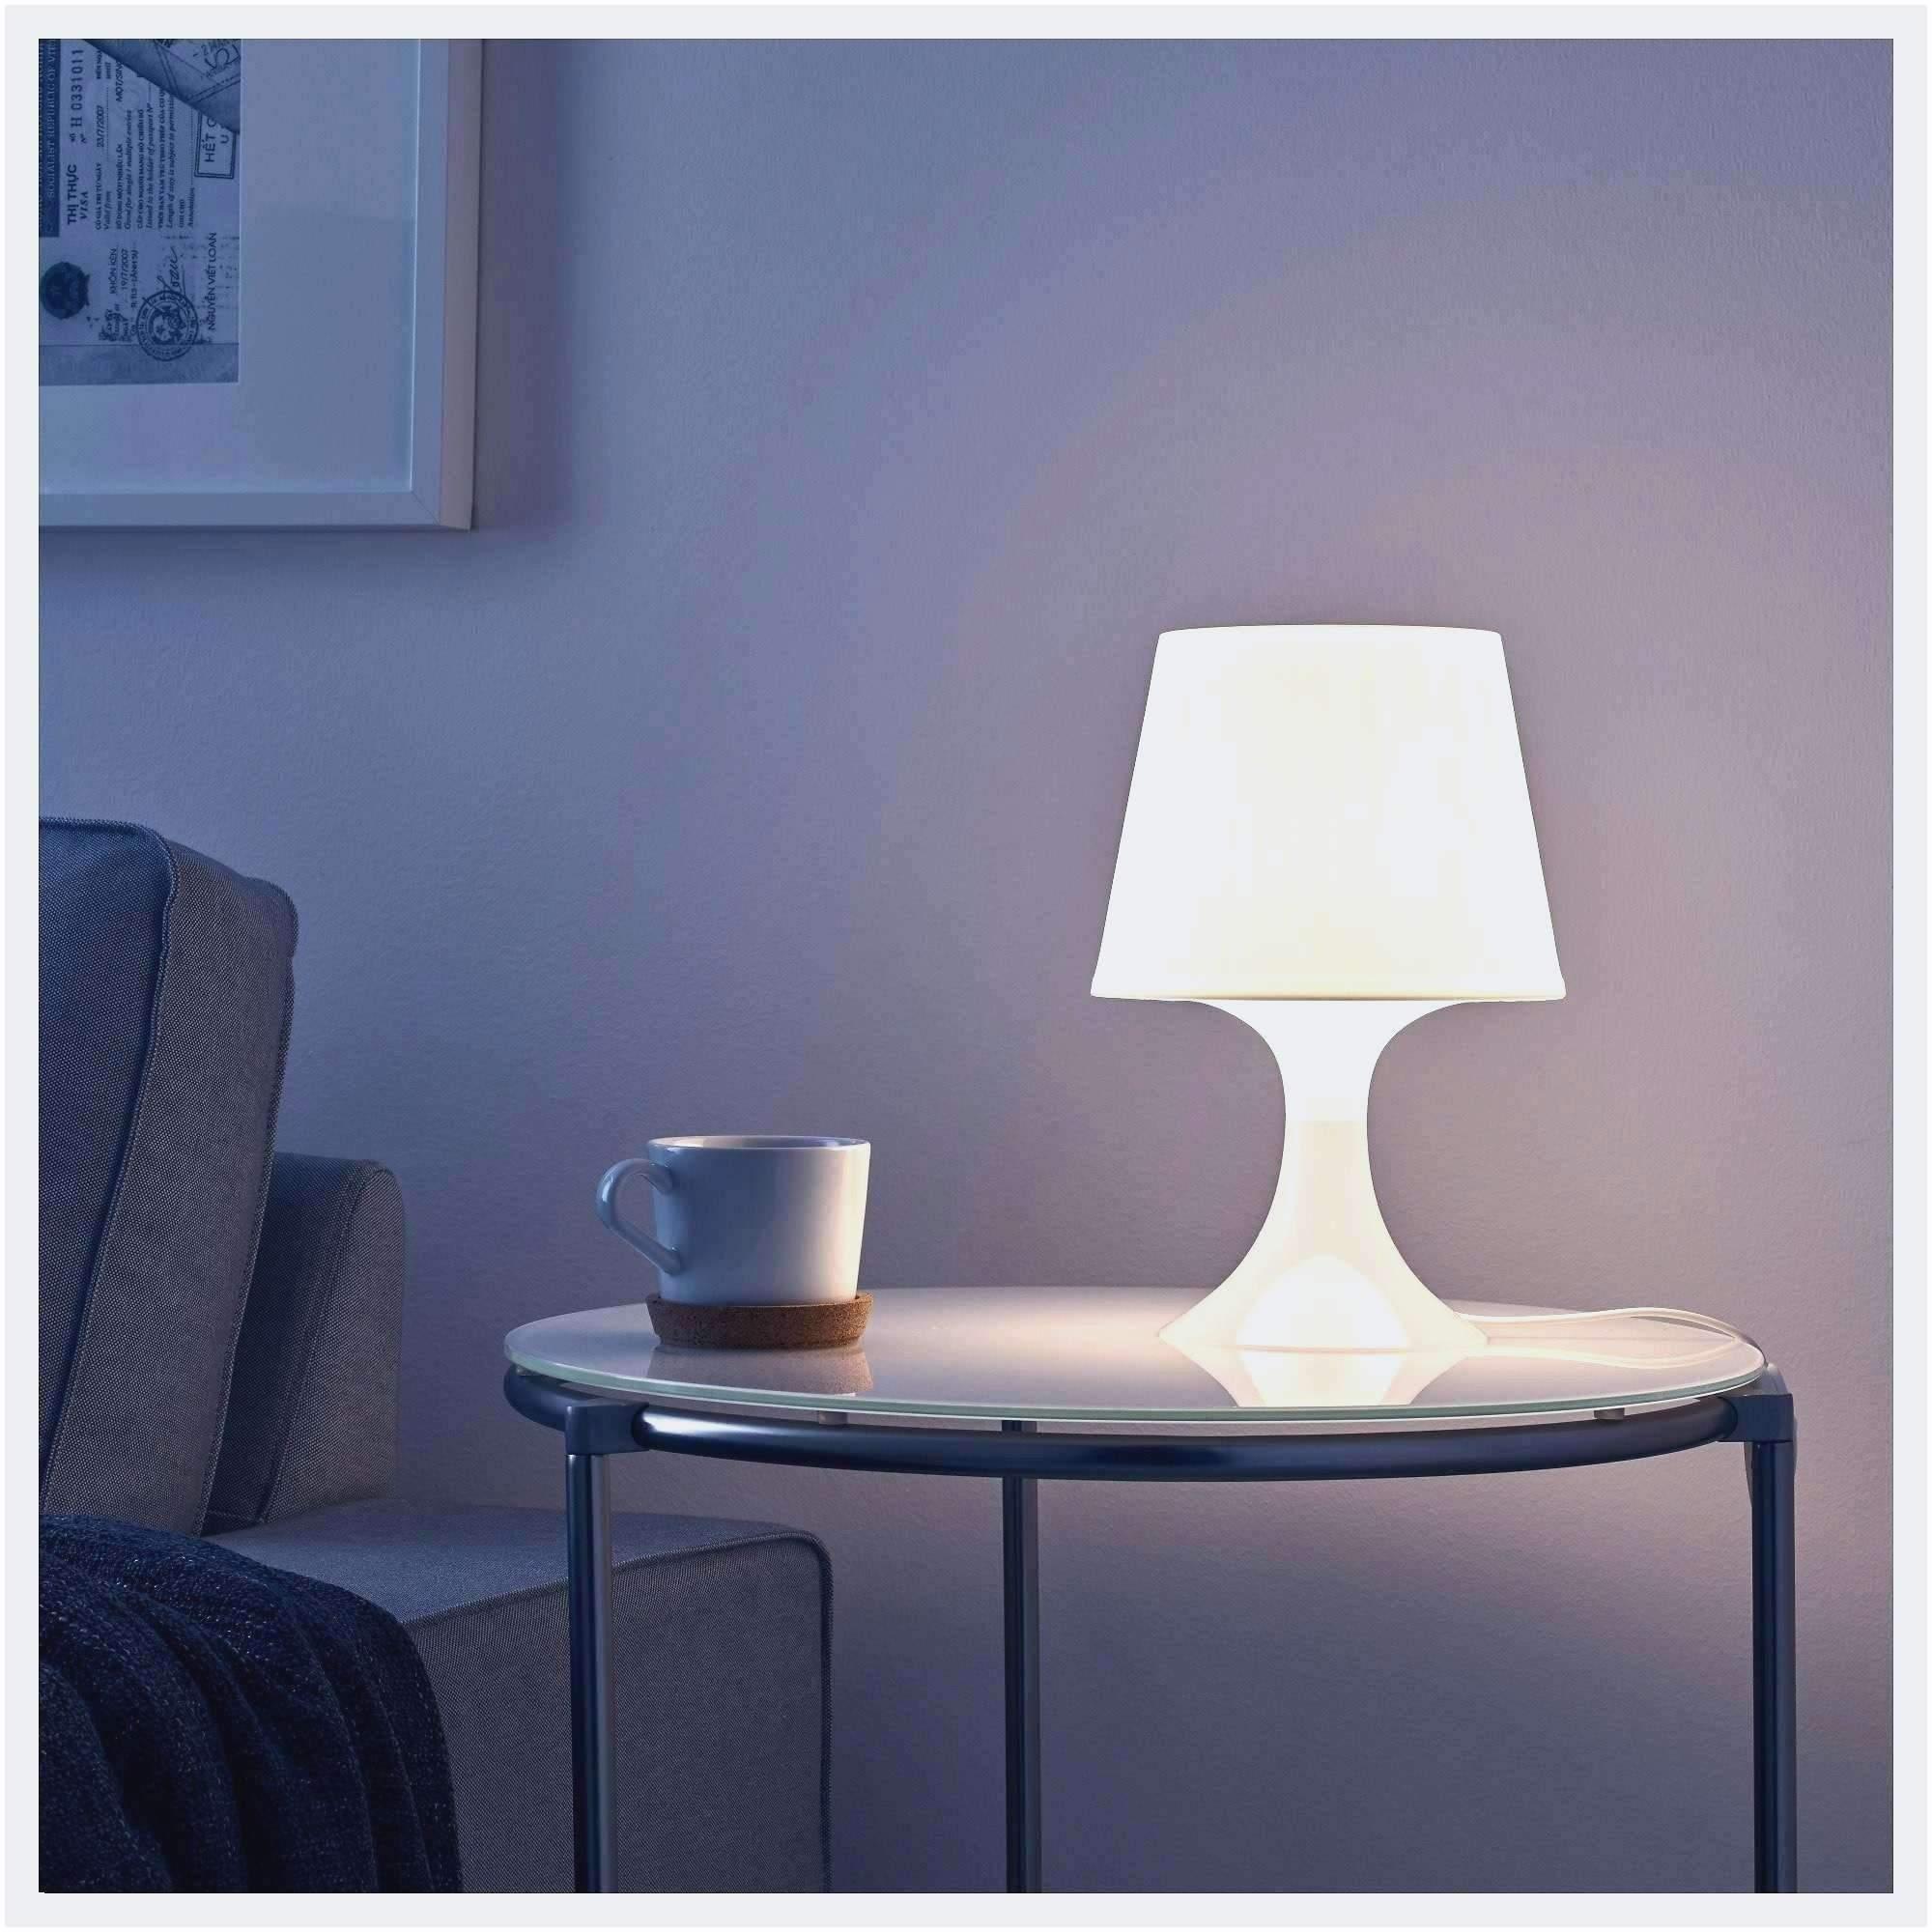 Full Size of Wohnzimmer Stehlampen Modern Stehlampe Einzigartig 28 Inspirierend Indirekte Beleuchtung Relaxliege Lampen Sideboard Lampe Kamin Wandtattoo Pendelleuchte Board Wohnzimmer Wohnzimmer Stehlampe Modern